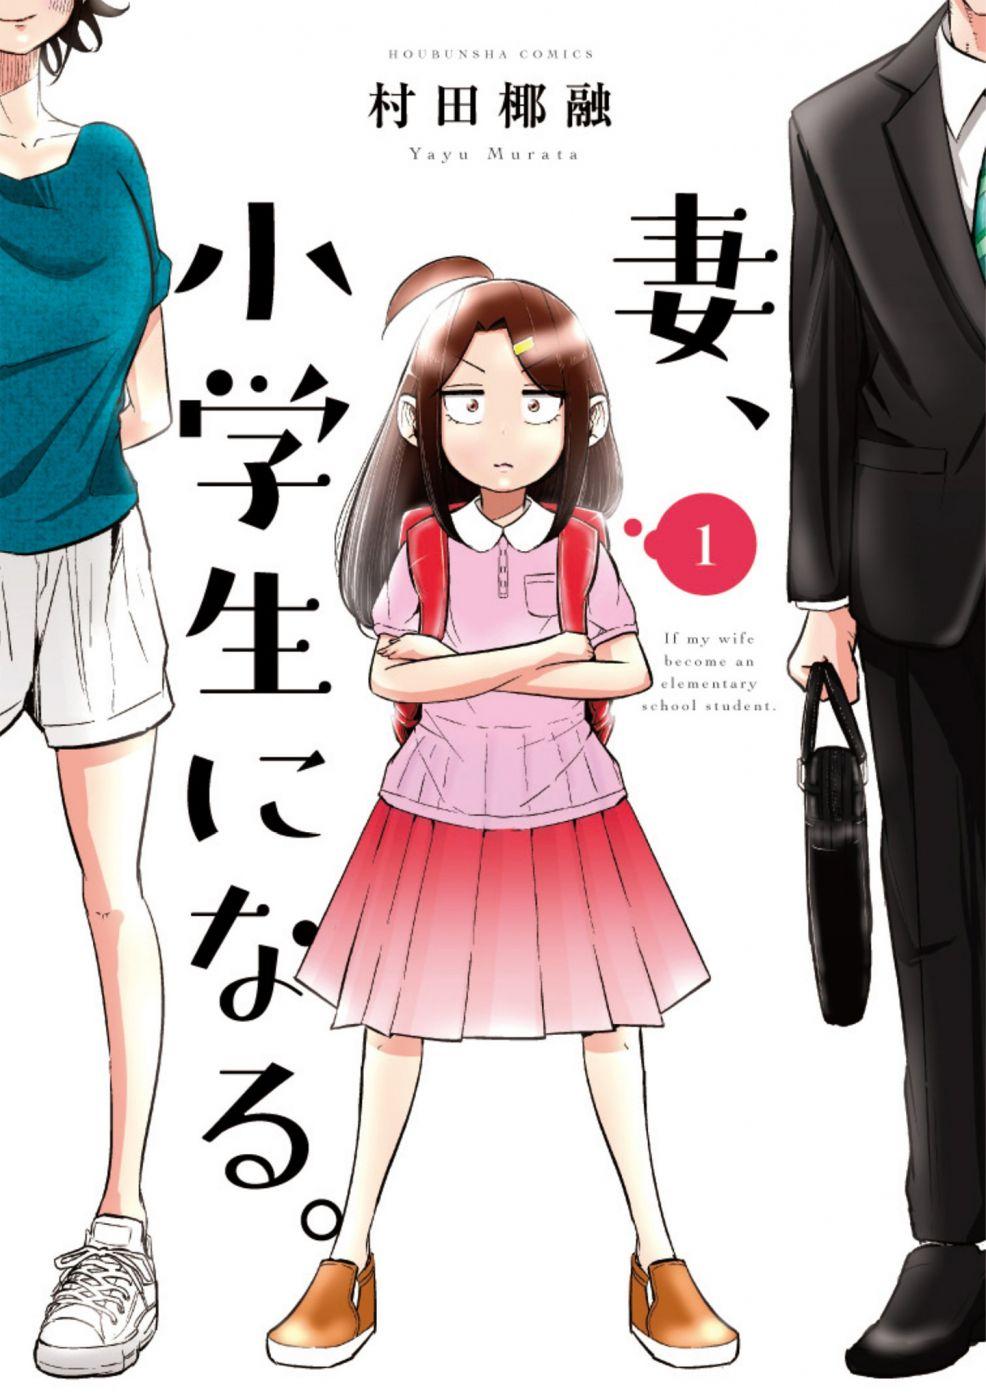 Tsuma Shougakusei ni Naru เมื่อภรรยาของผมกลายเป็นนักเรียนชั้นประถม ตอนที่ 1